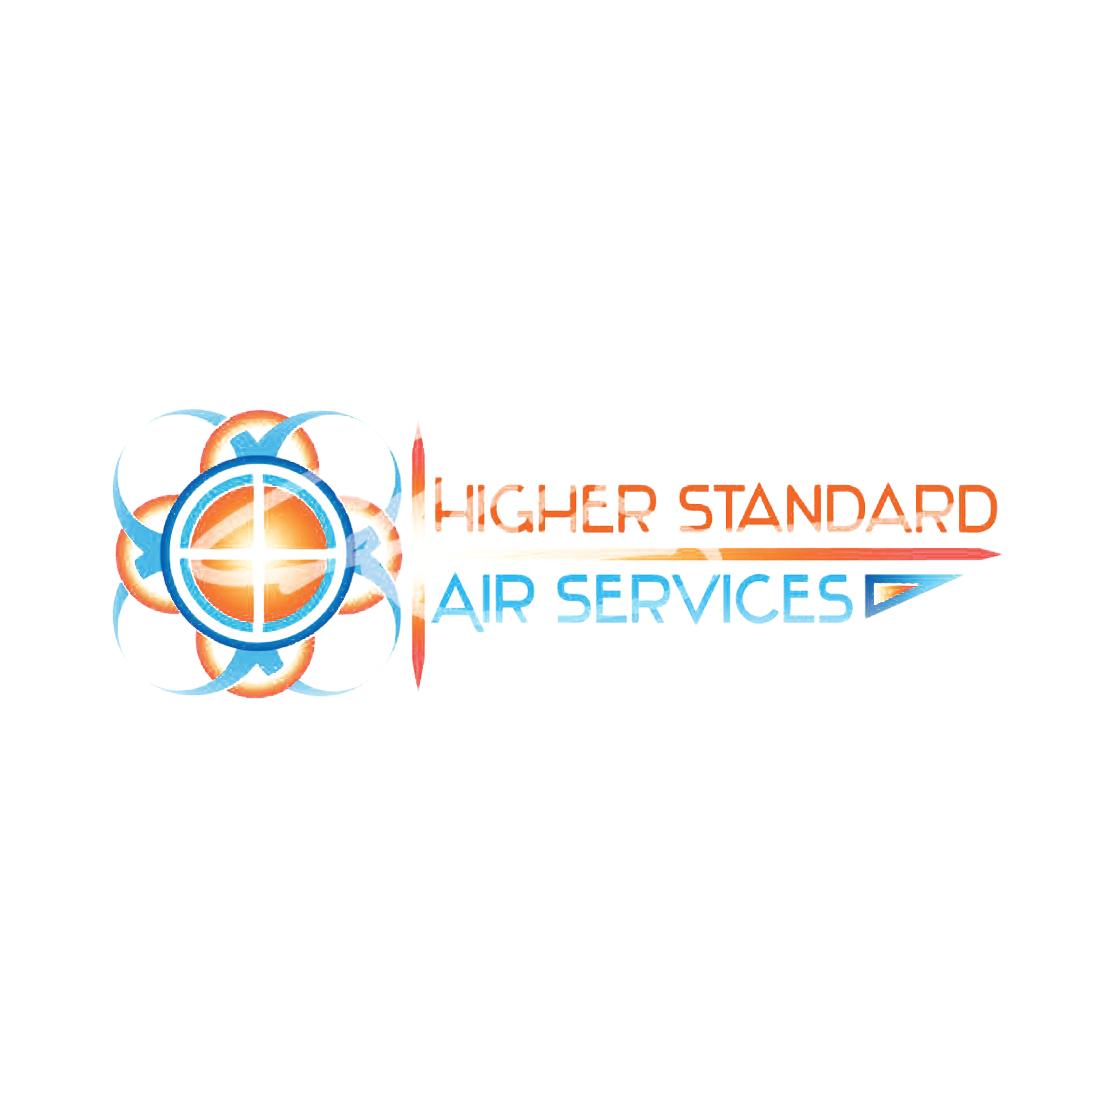 Higher Standard Air Services, LLC